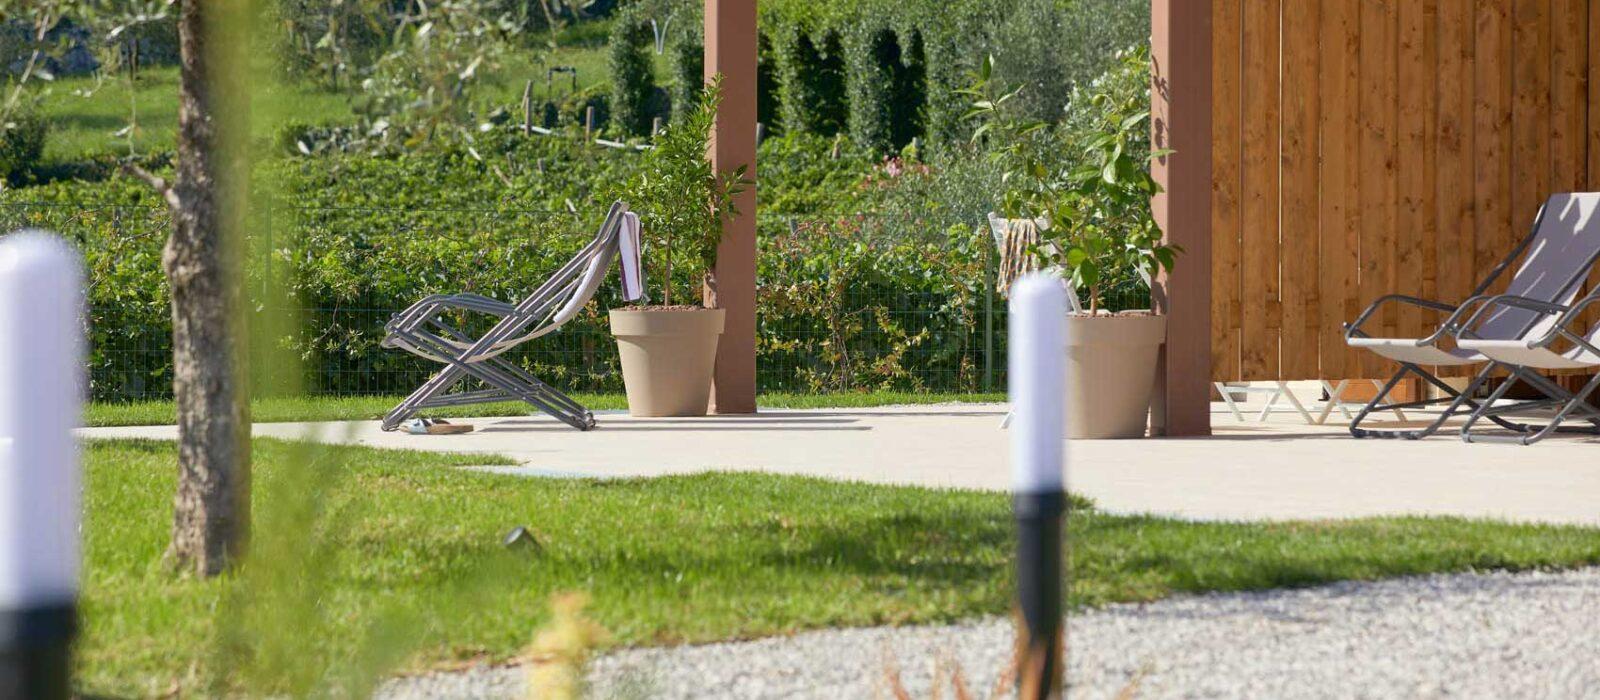 Agriturismo De Bas - Lake Garda - Dormire e Relax